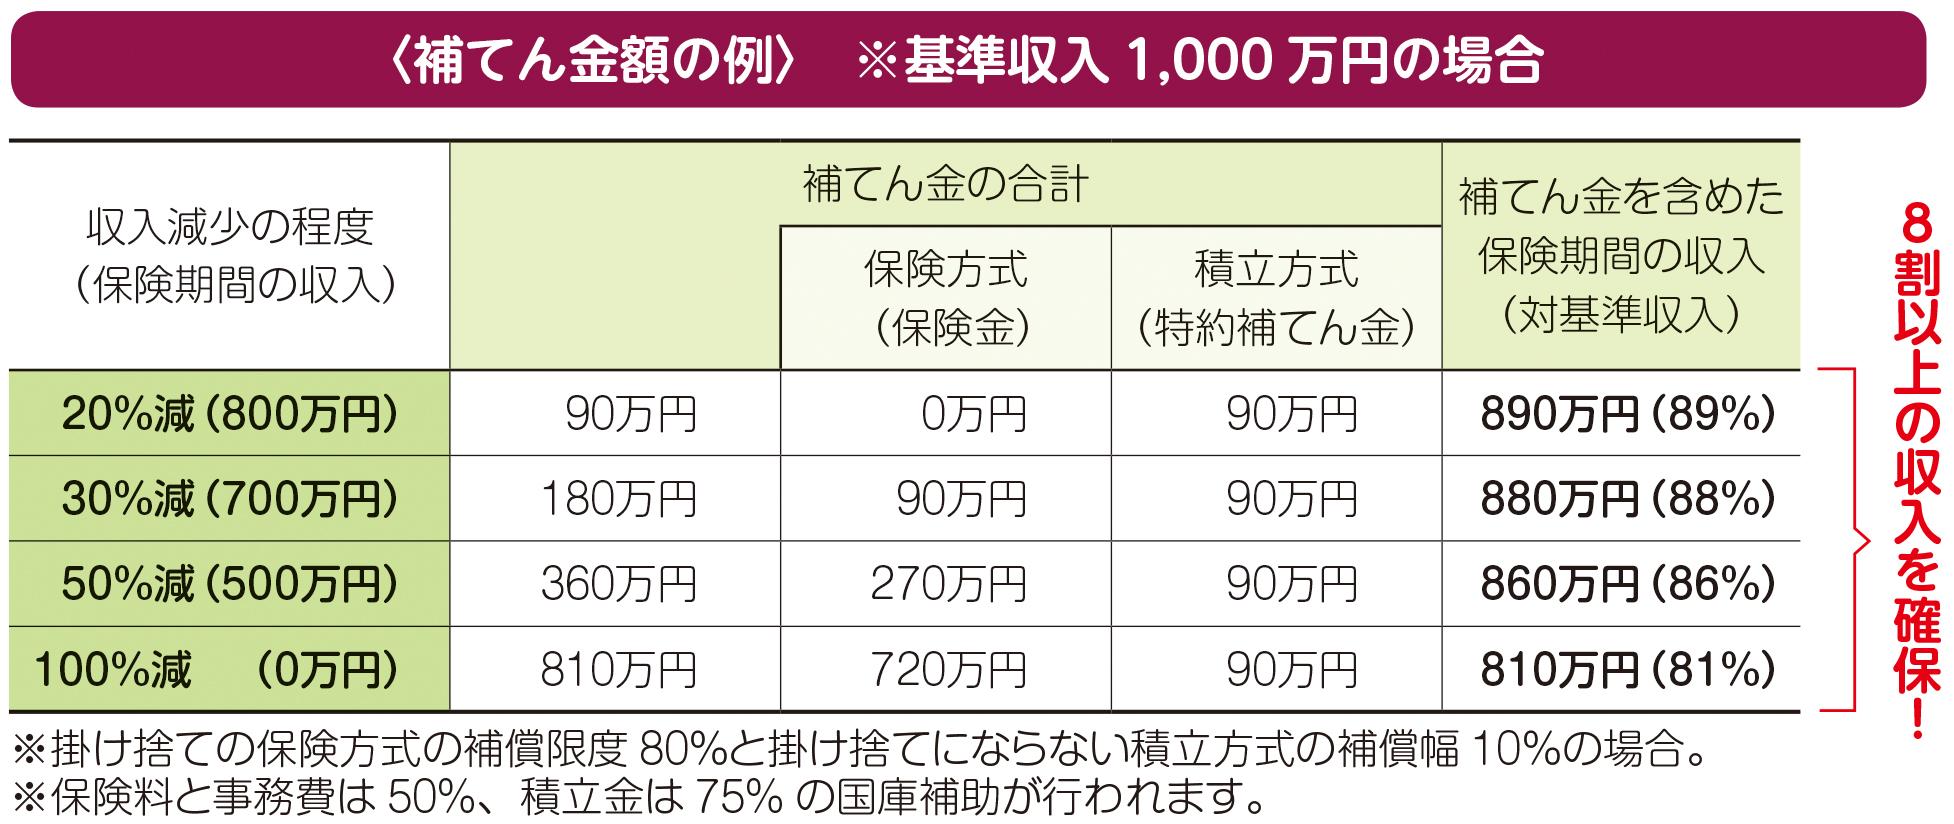 〈補てん金額の例〉※基準収入1,000万円の場合